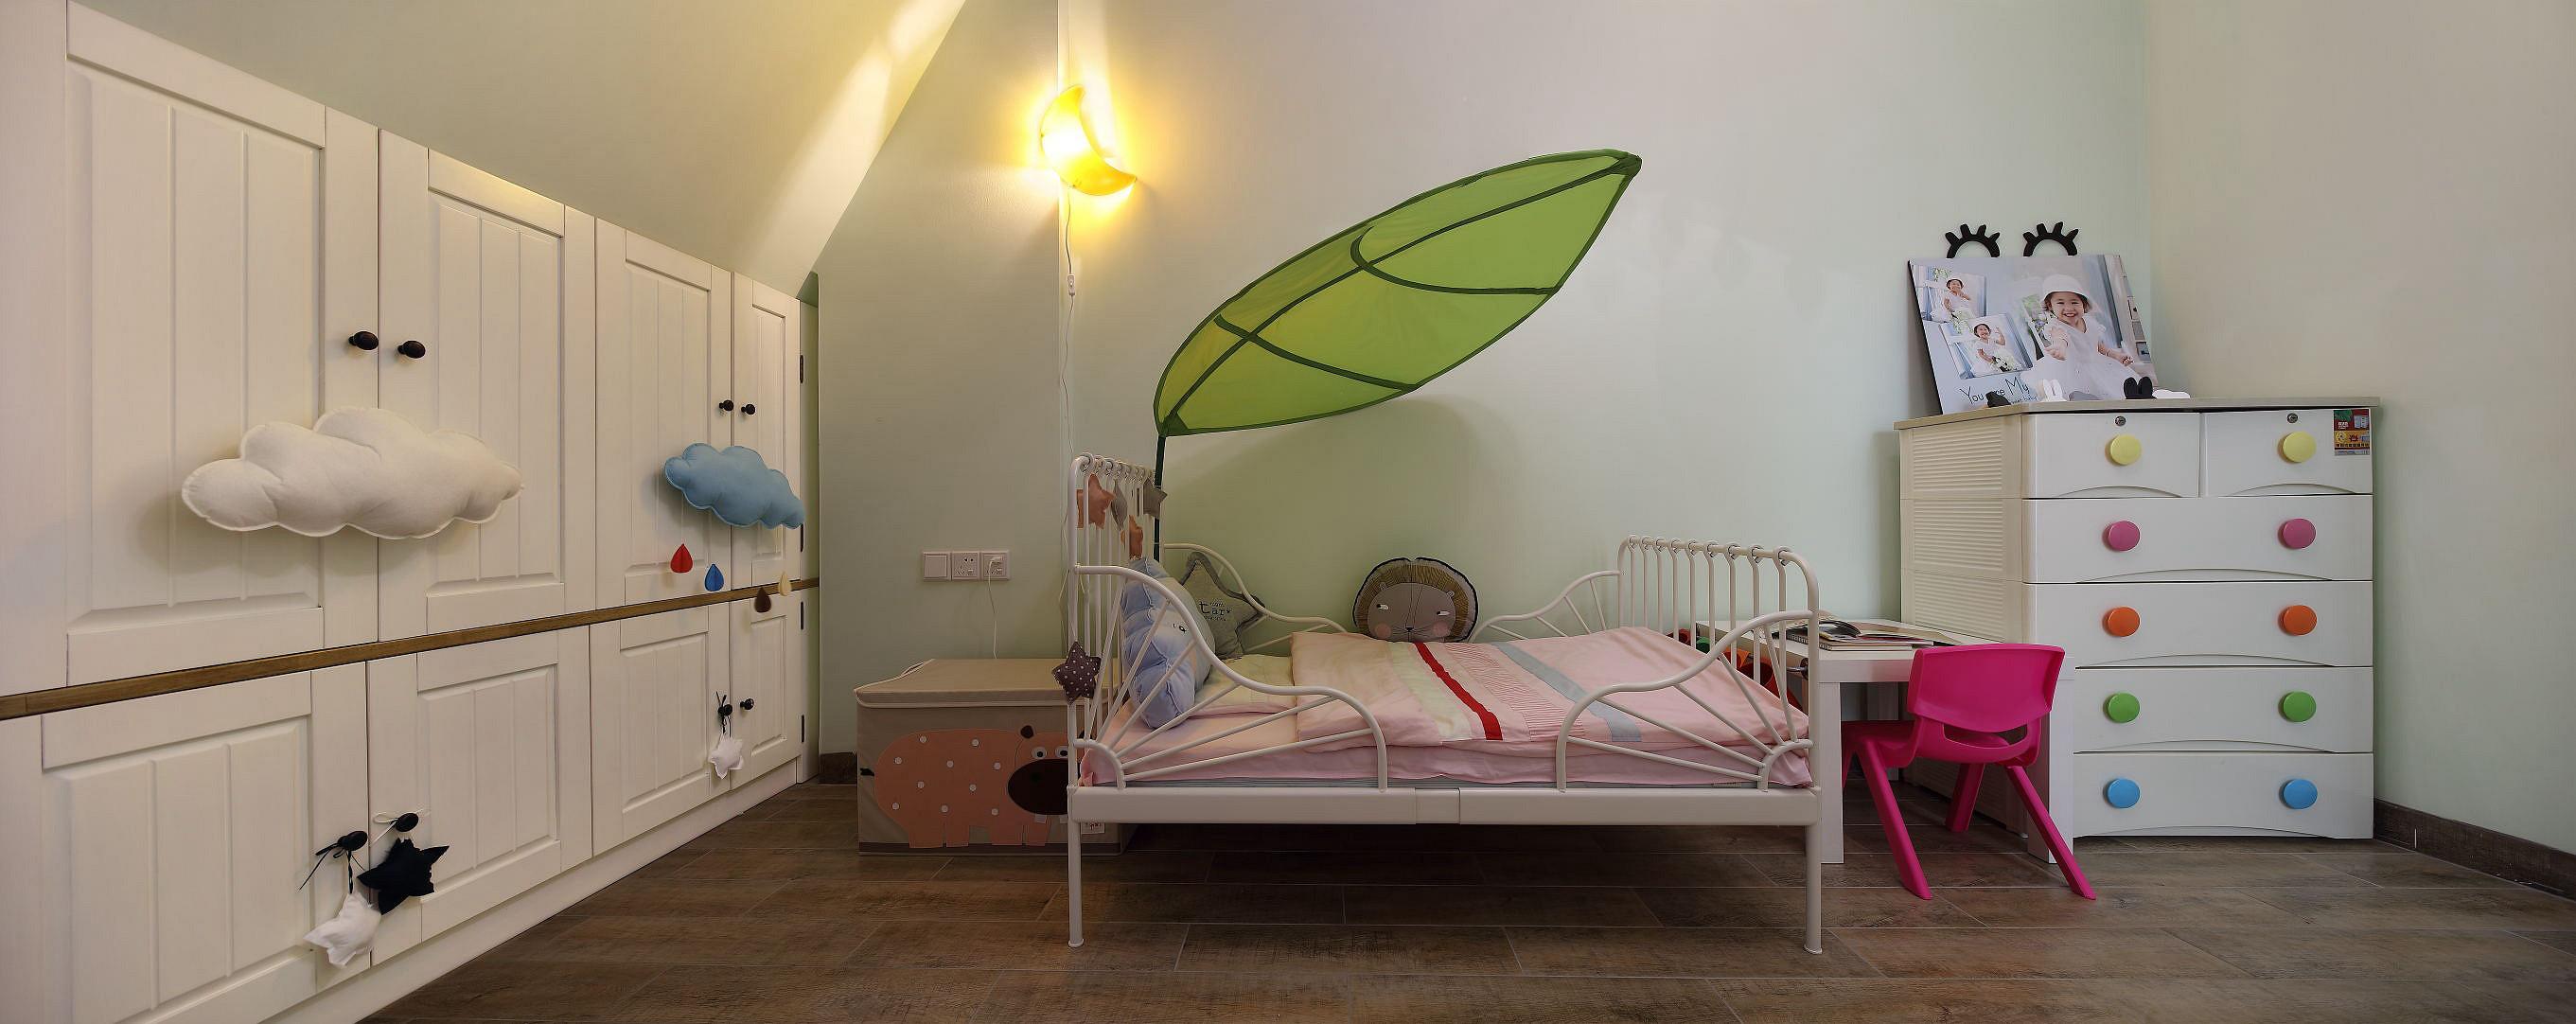 复式北欧风格家儿童床图片